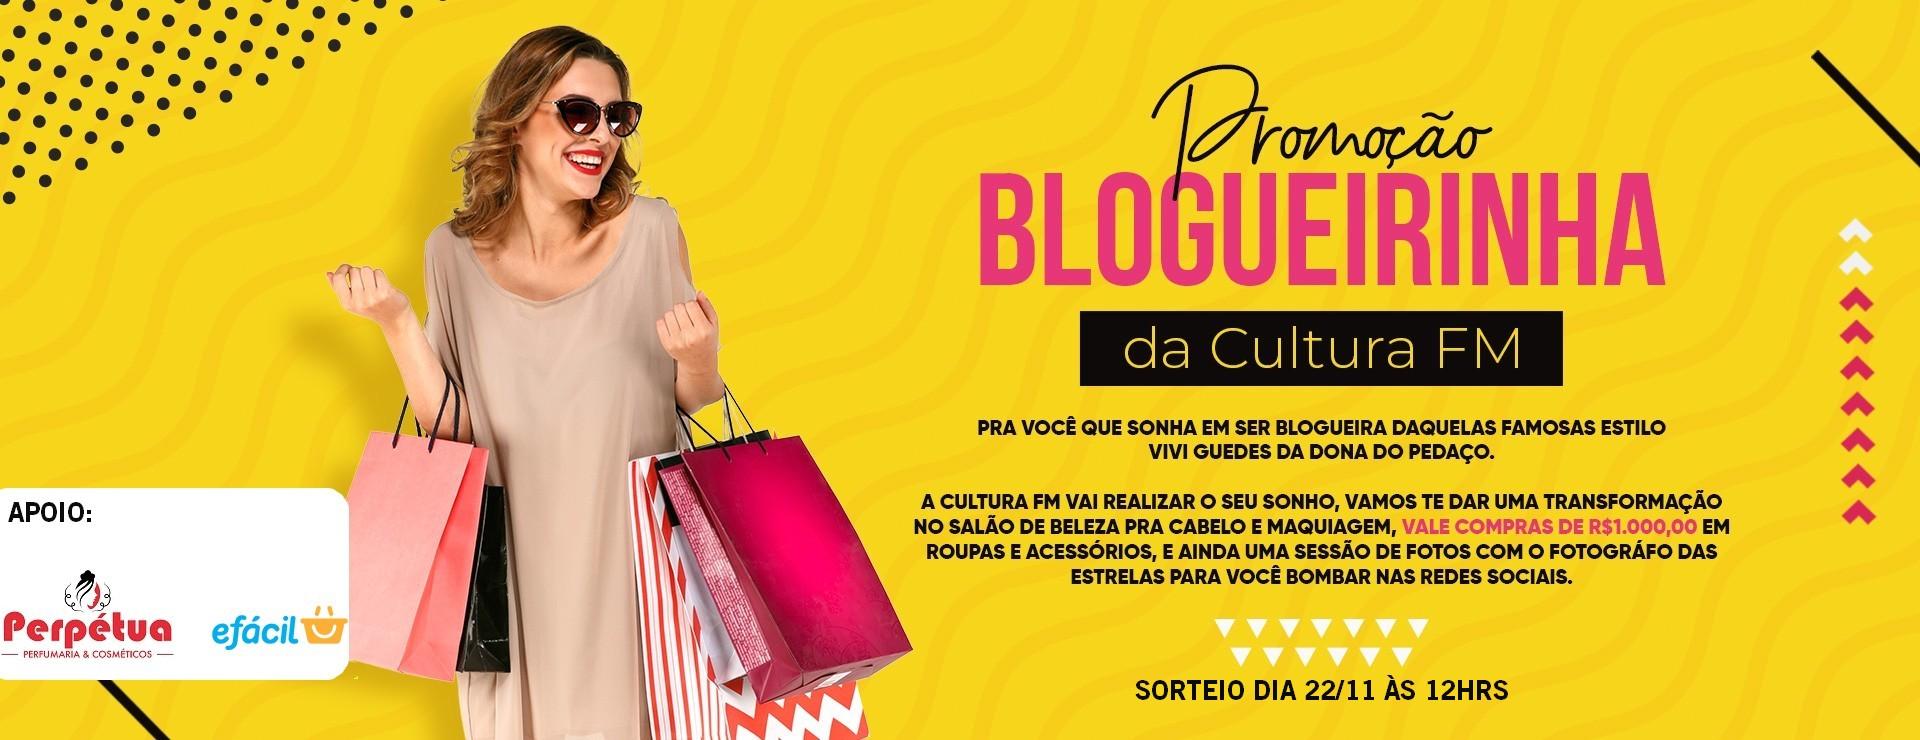 Blogueirinha da Cultura